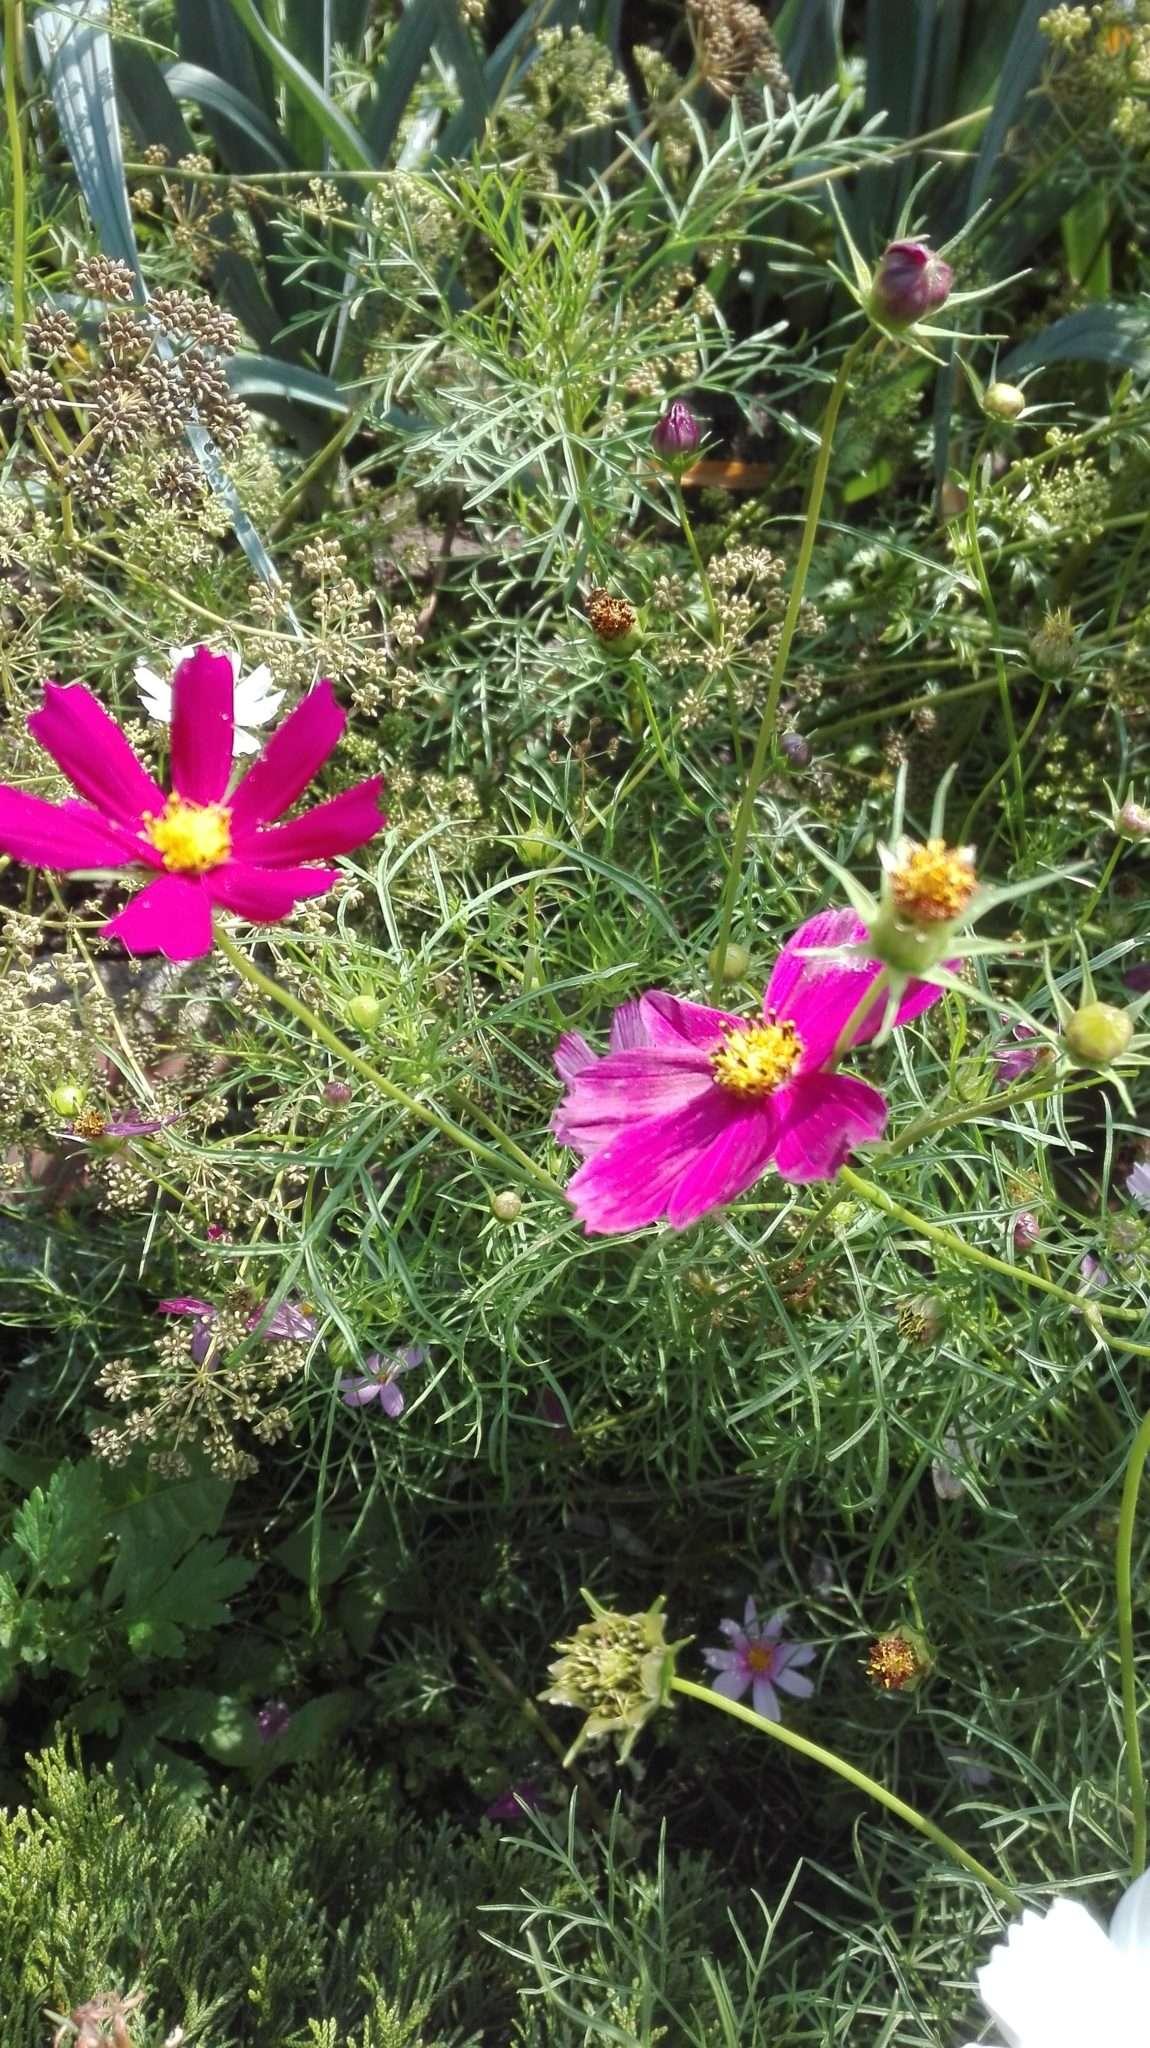 IMG 20170817 155442 - Rośliny roczne - spis roślin